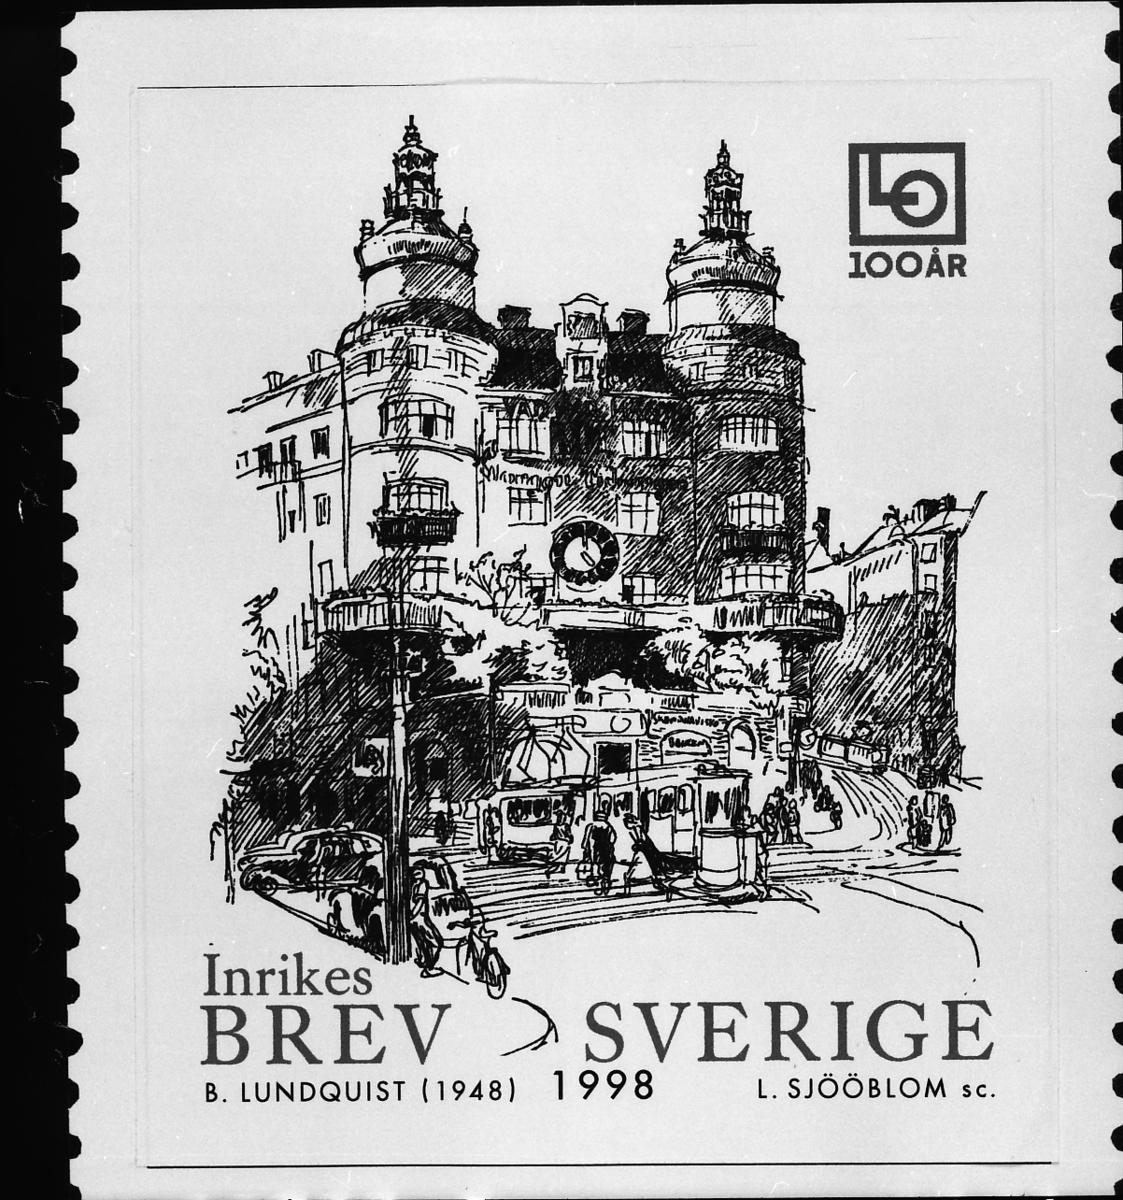 Originalteckning till frimärket Landsorganisationen (LO) 100 år, 1998.